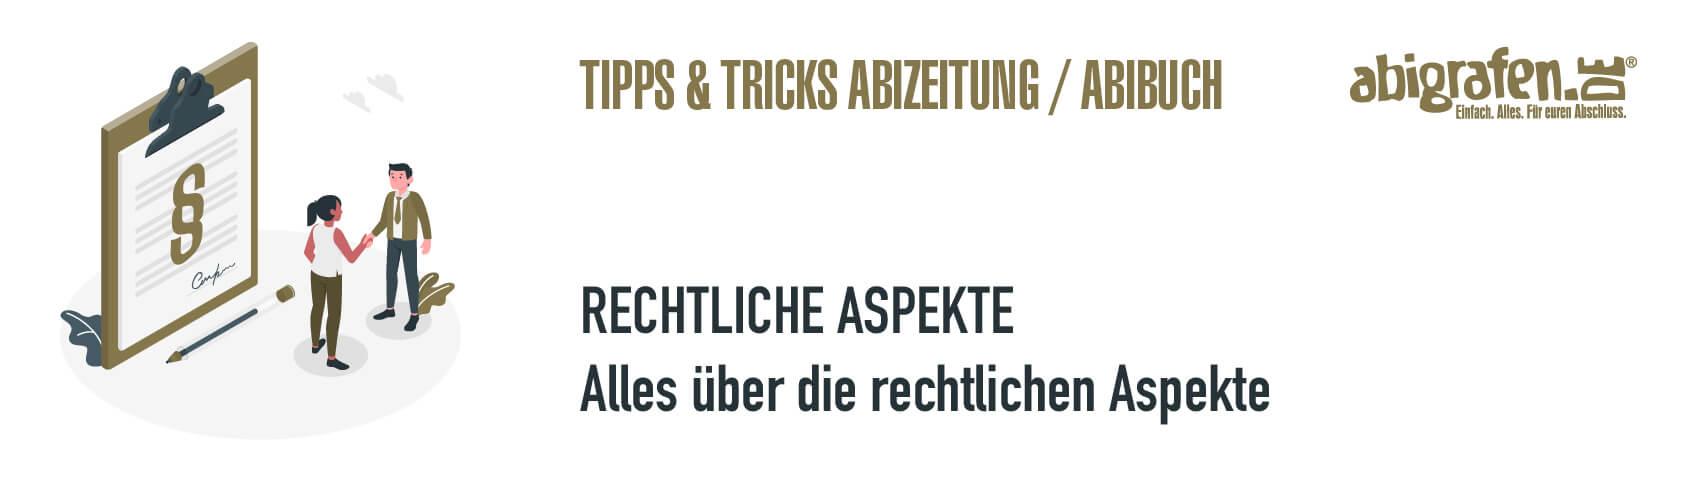 abigrafen-abizeitung-tipps-und-tricks-rechtliches